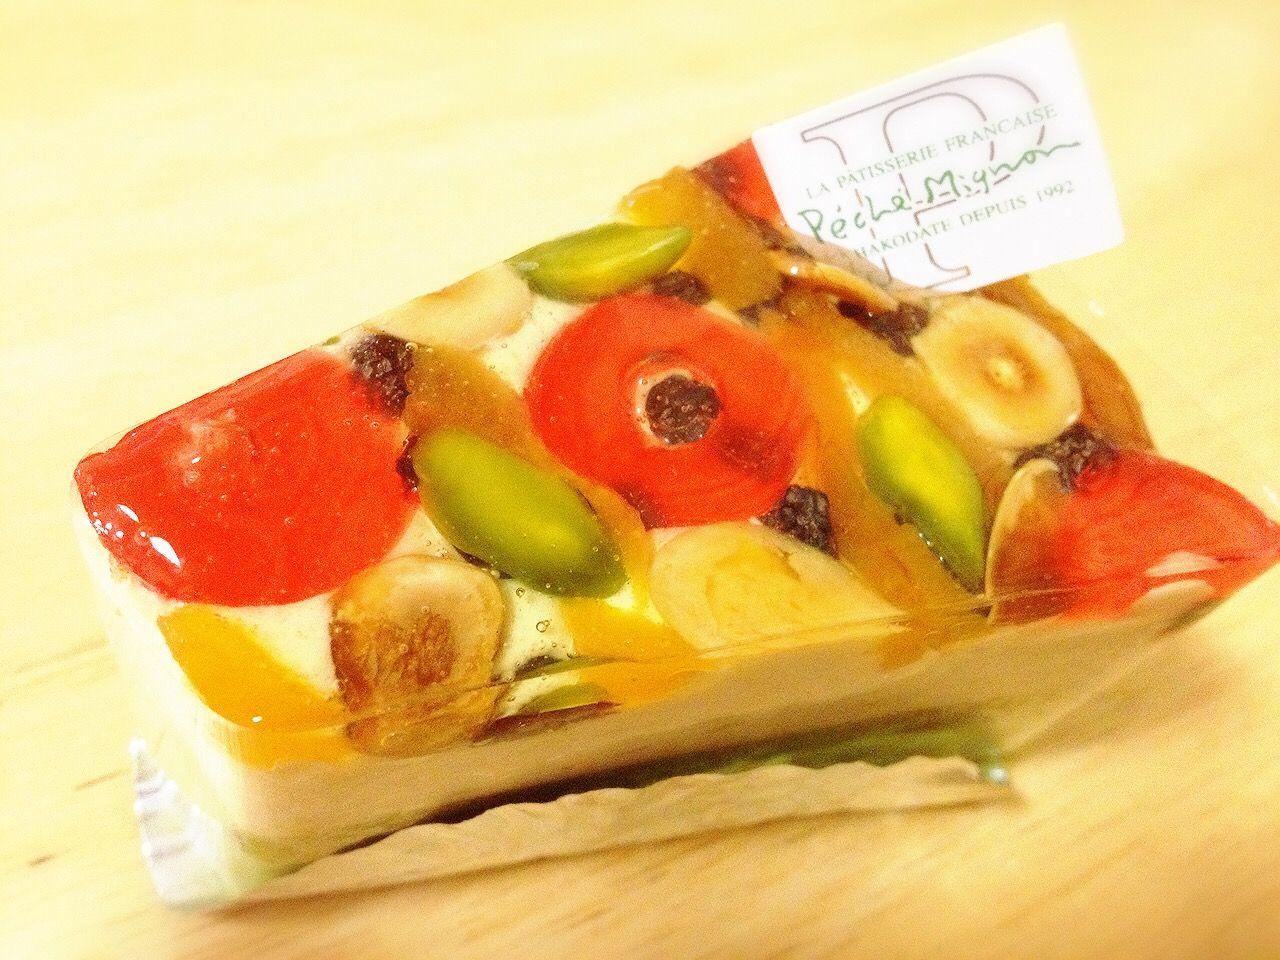 知る人ぞ知る!スイーツの街、函館の名店「フランス菓子ペシェ・ミニョン」